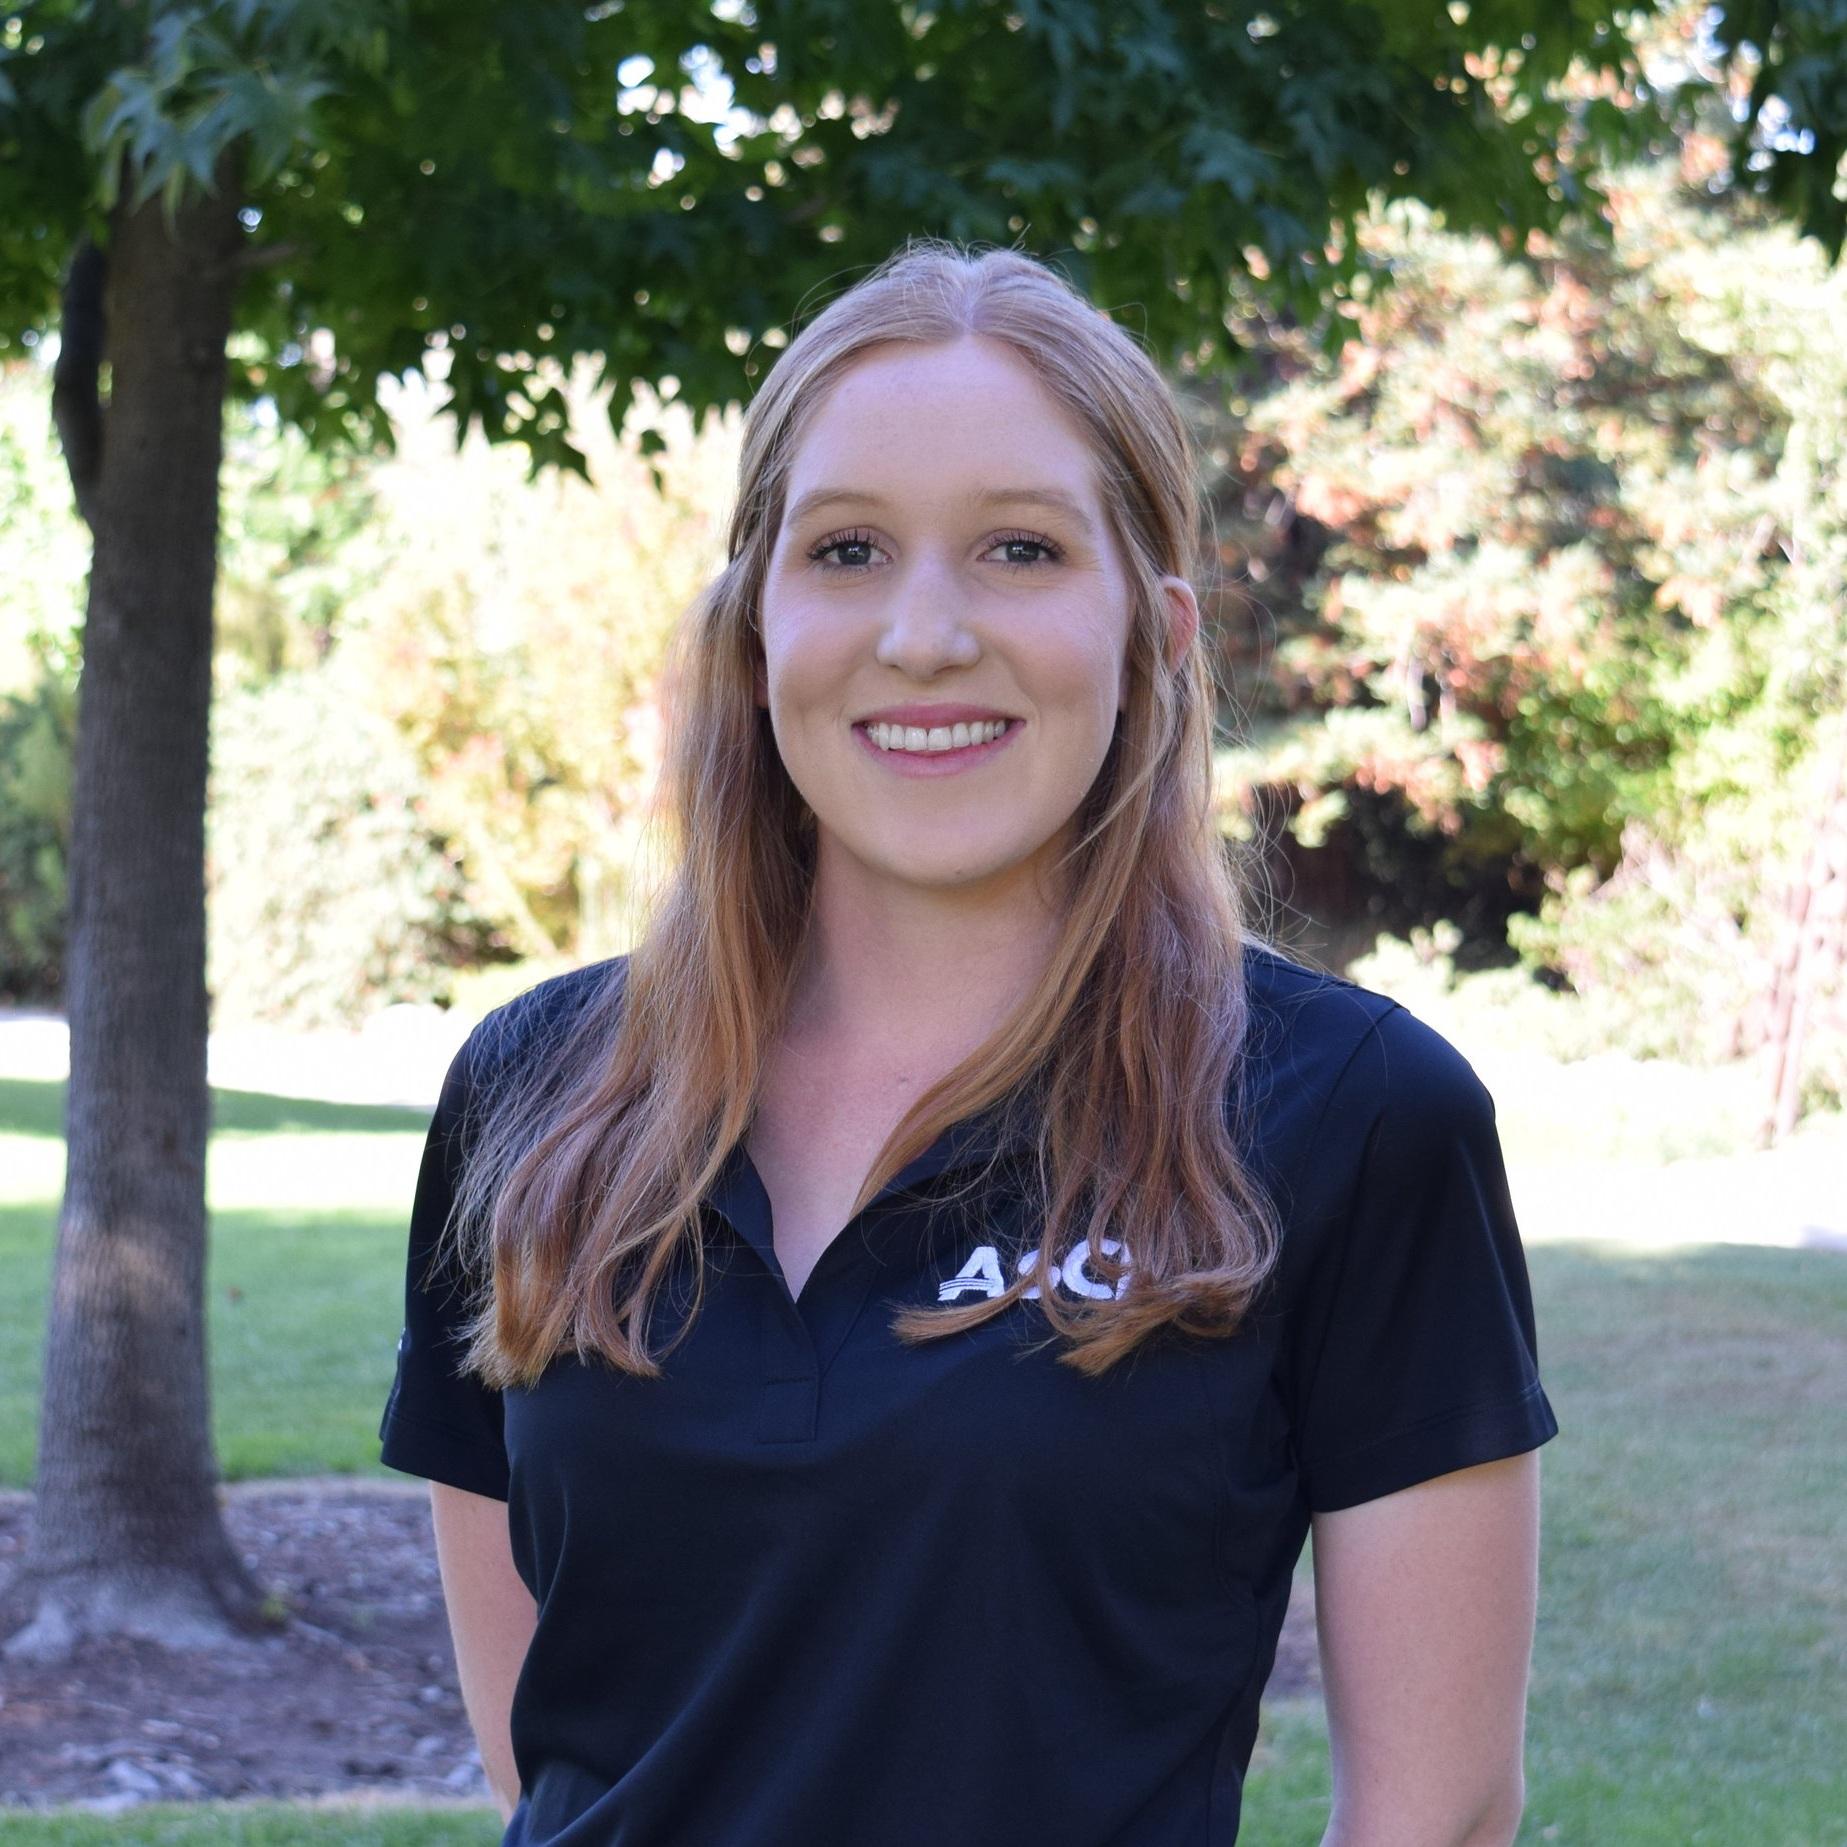 PSWC Coordinator  Sarah Downing  pswc2019@gmail.com